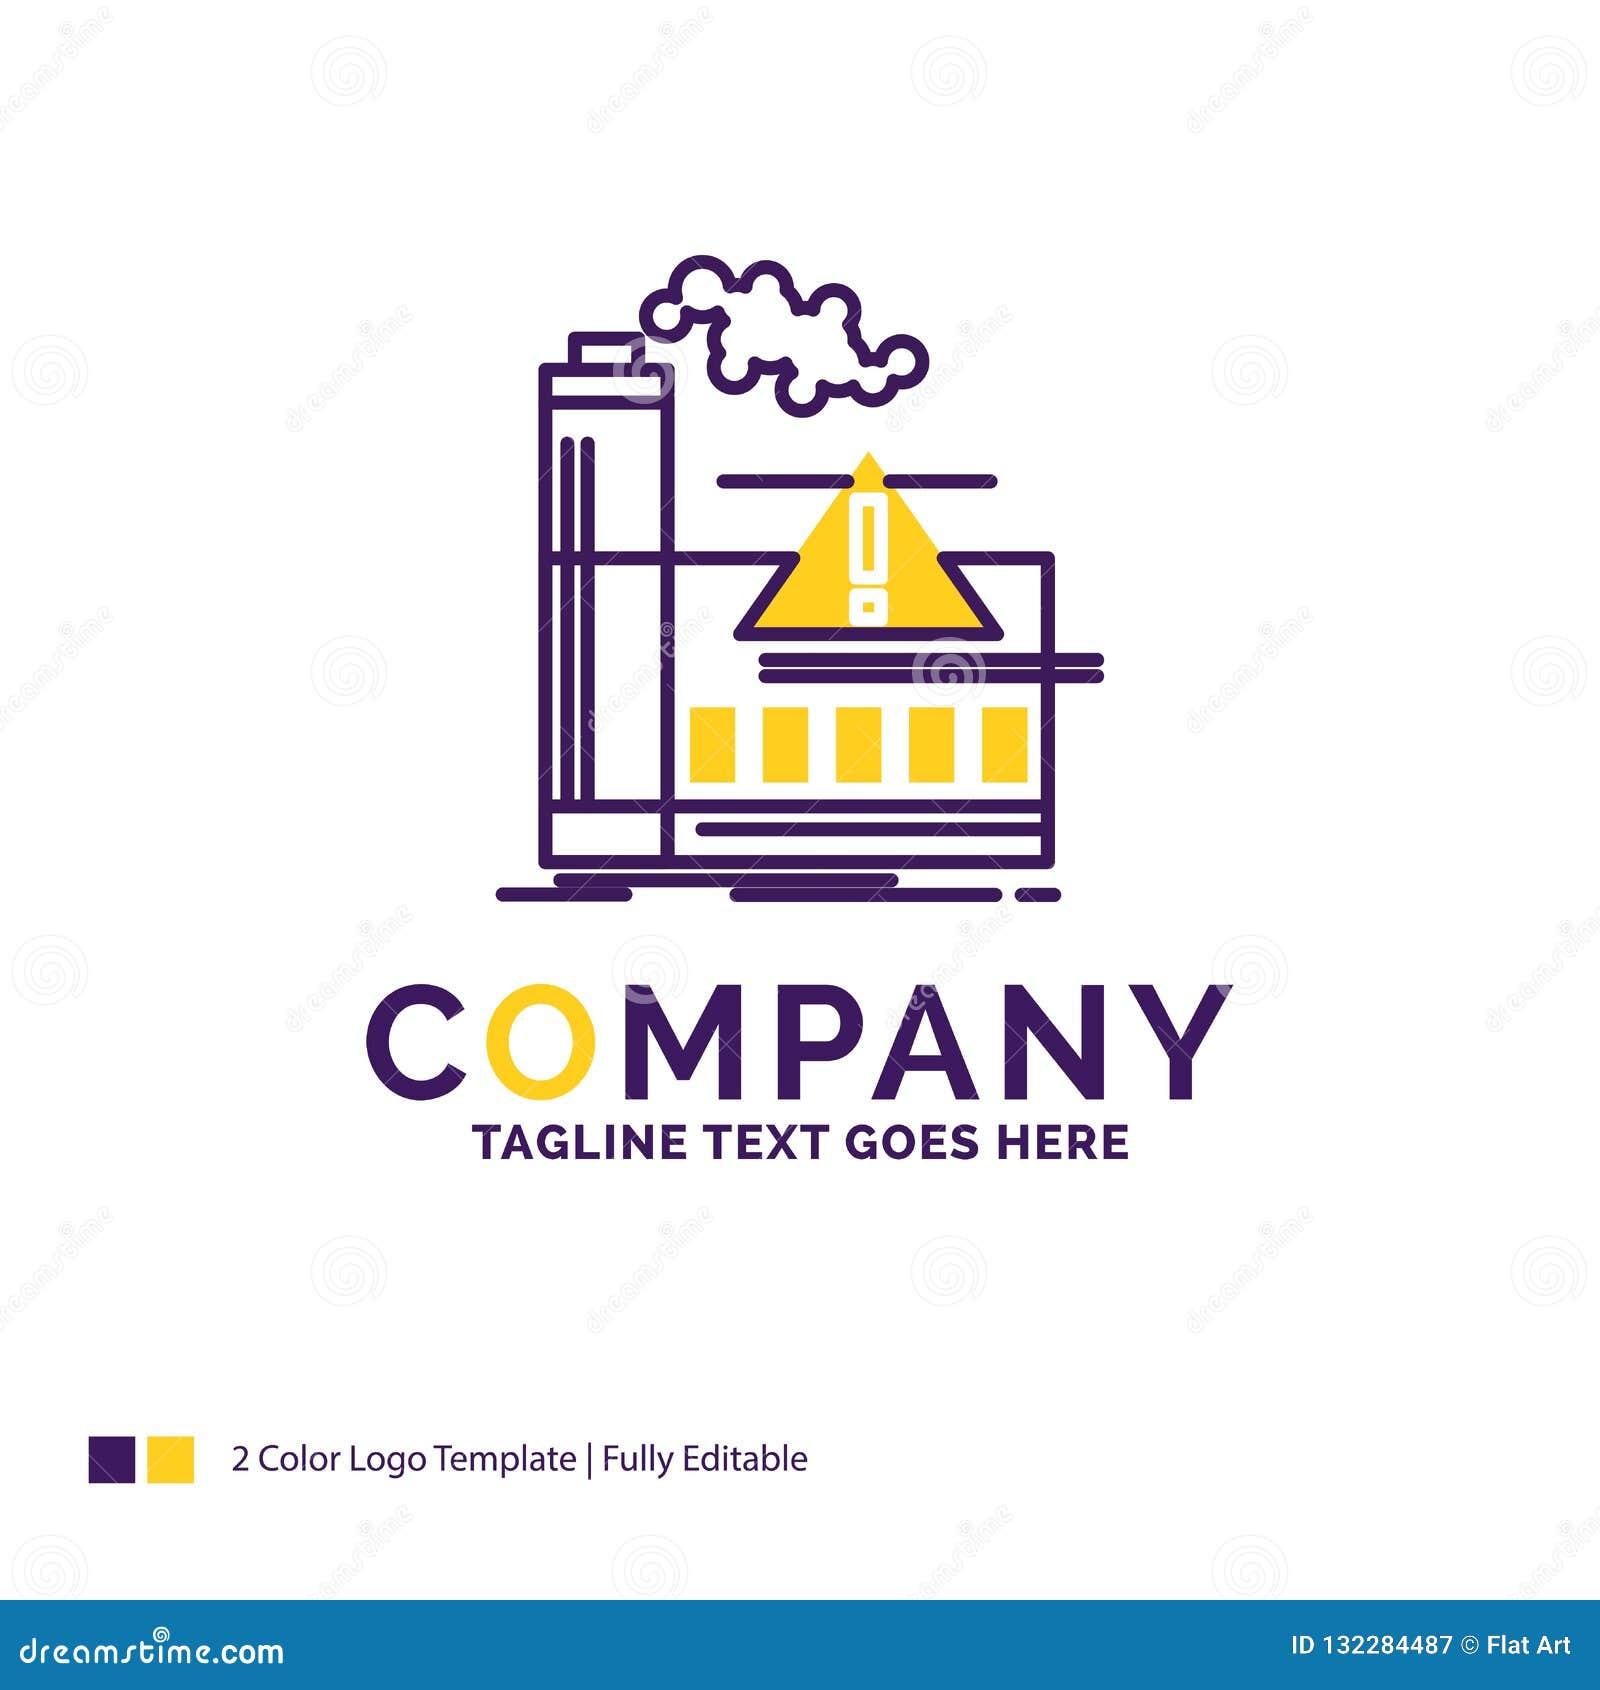 Logo Design For för företagsnamn förorening, fabrik, luft, varning, ind